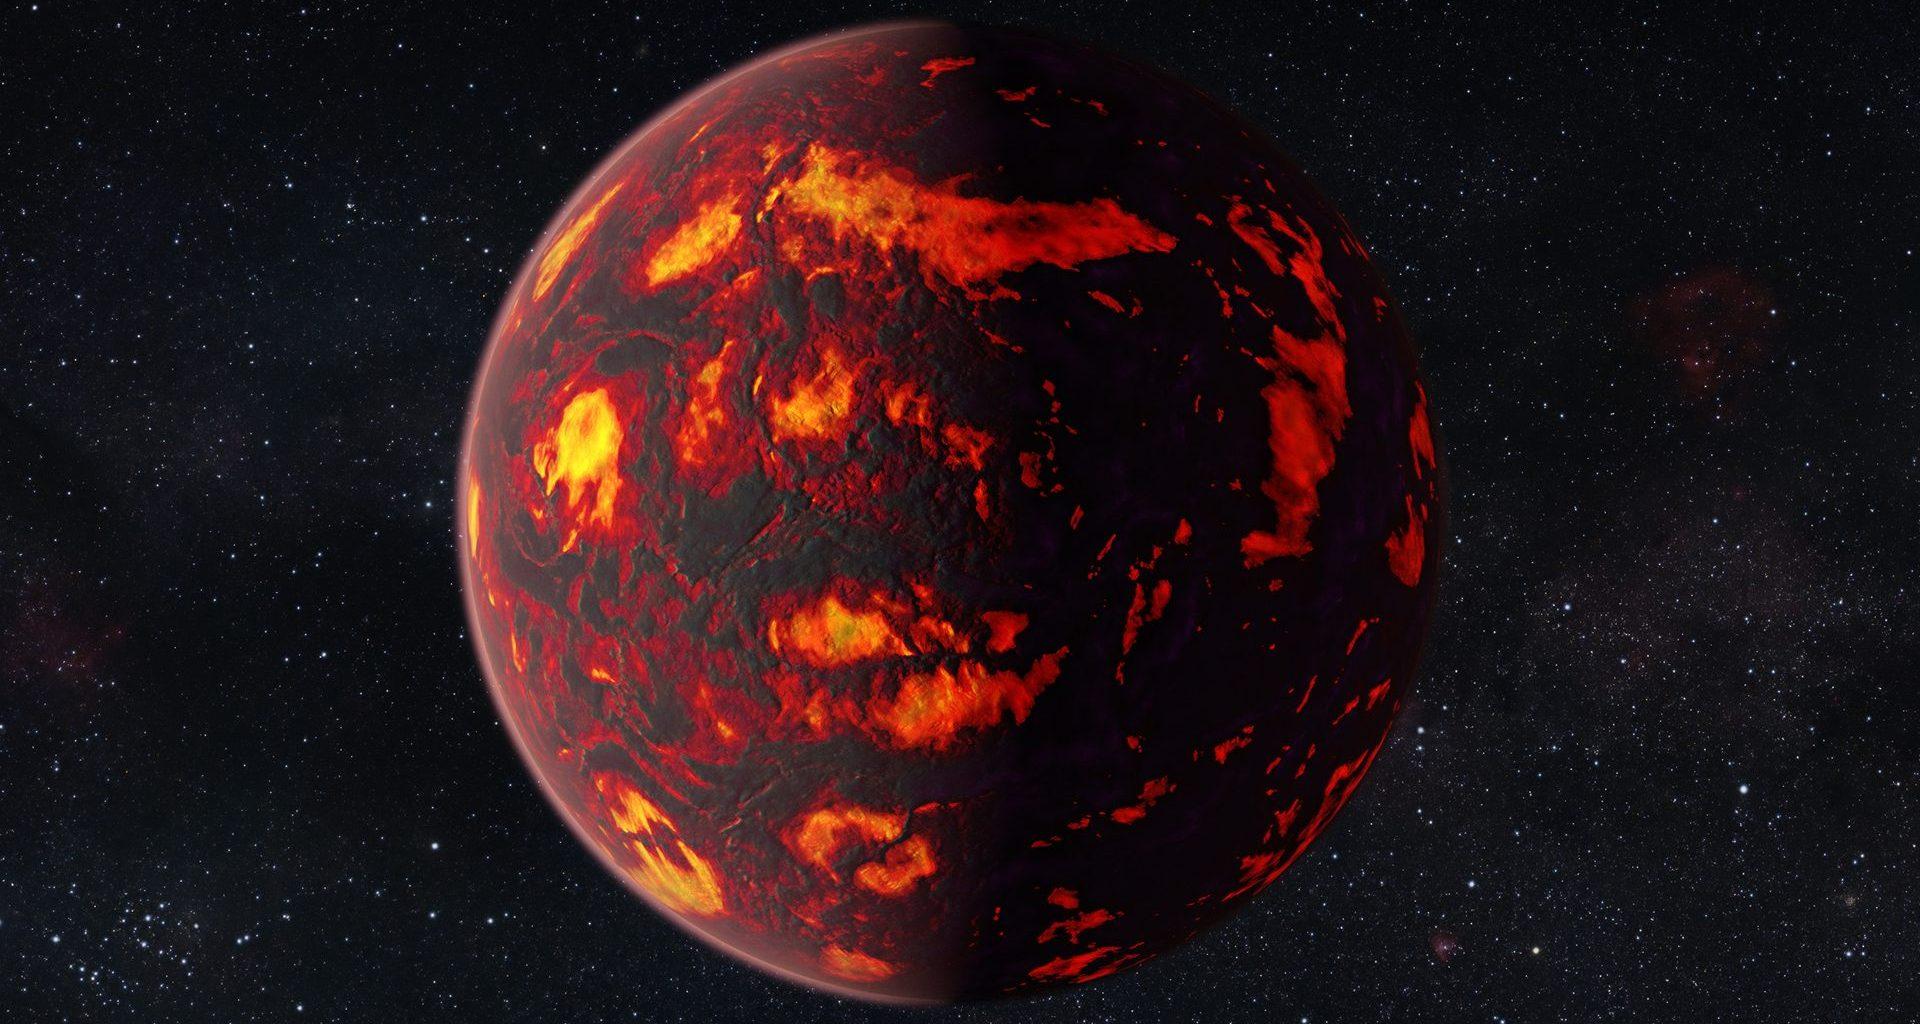 Exoplanetas «supertierras» calientes podrían tener atmósferas metálicas brillantes